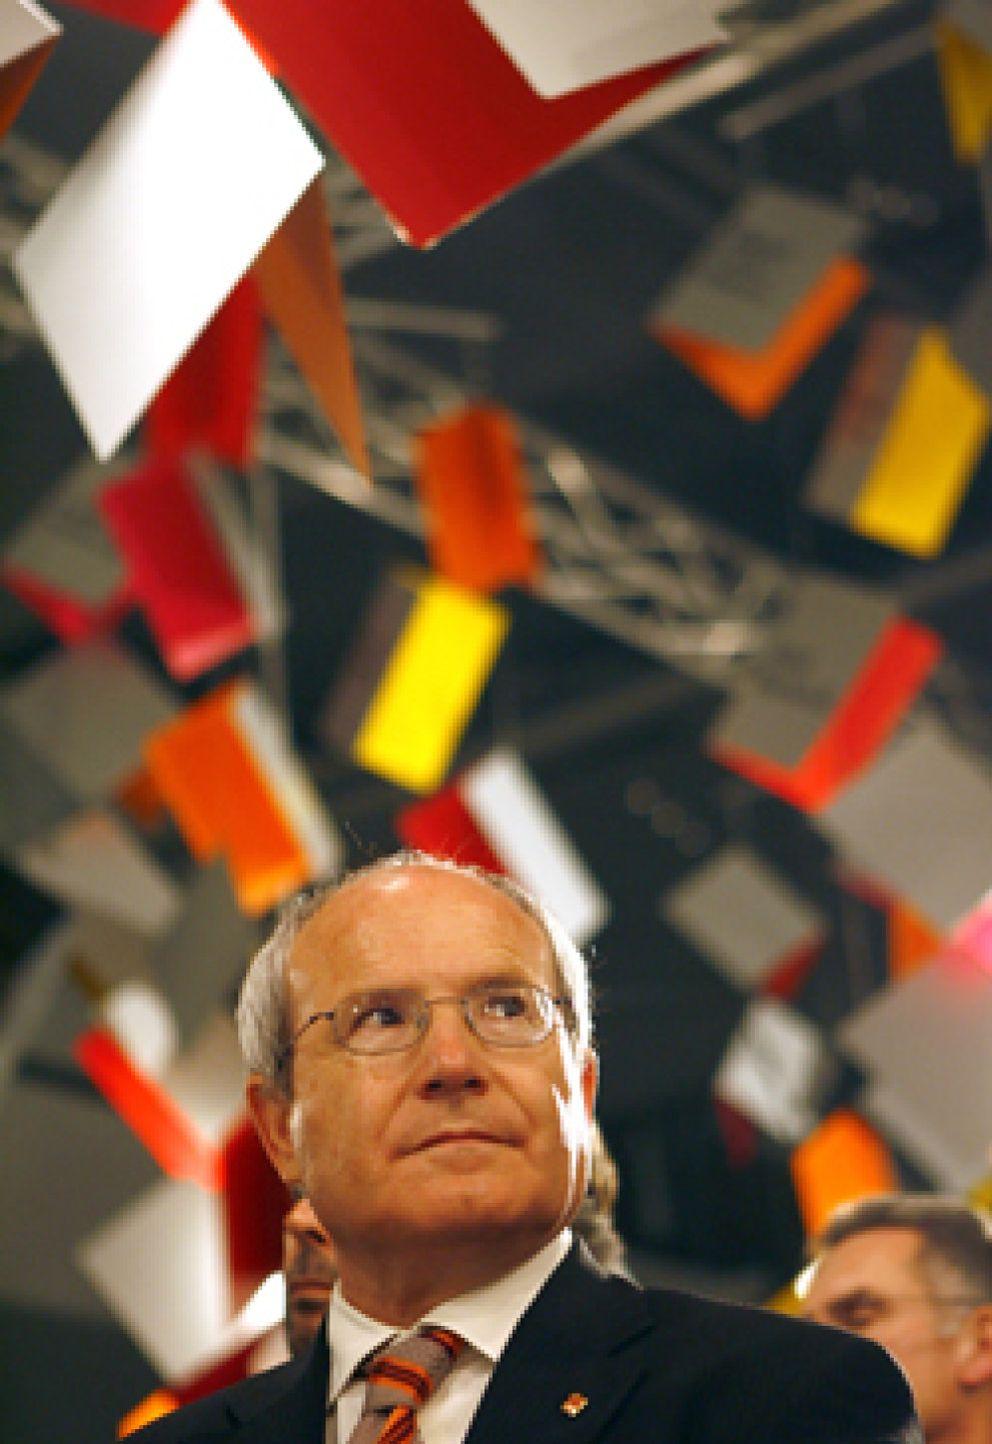 Foto: Montilla cobrará 100.000 euros de por vida, más que Aznar y González